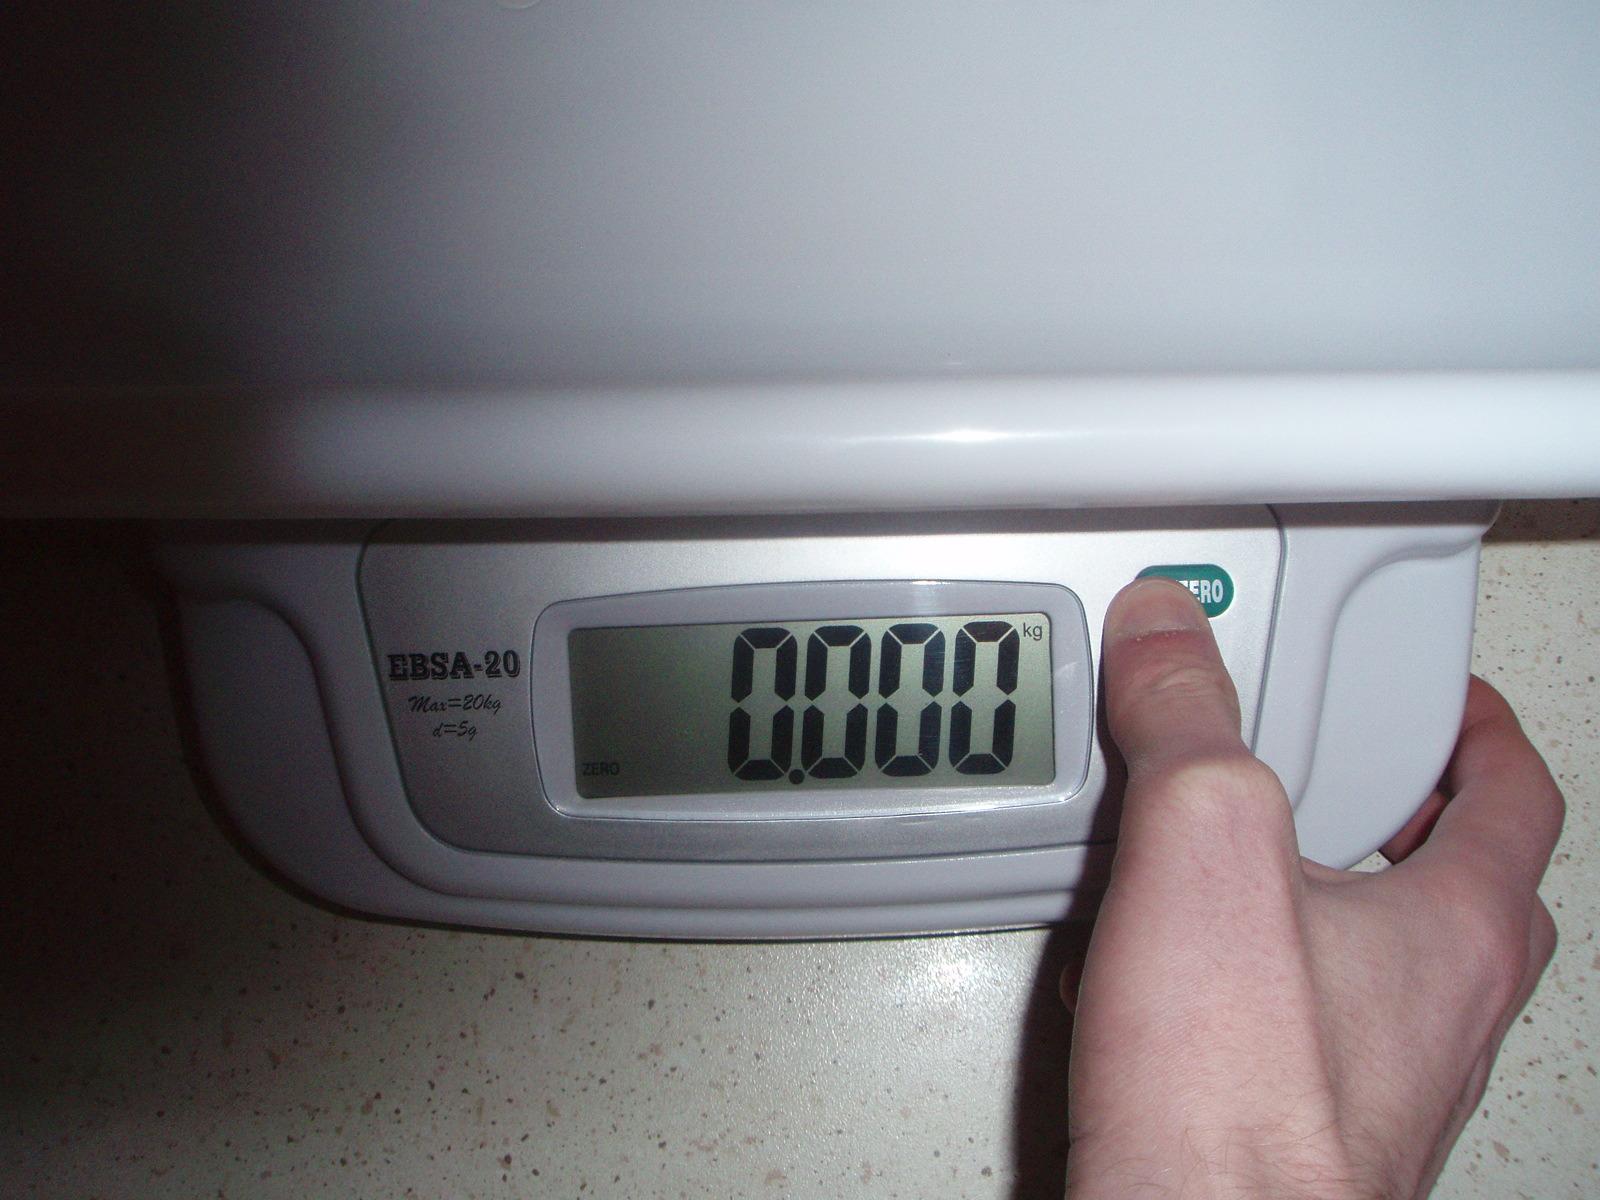 Детские весы EBSA-20,(фото 8)